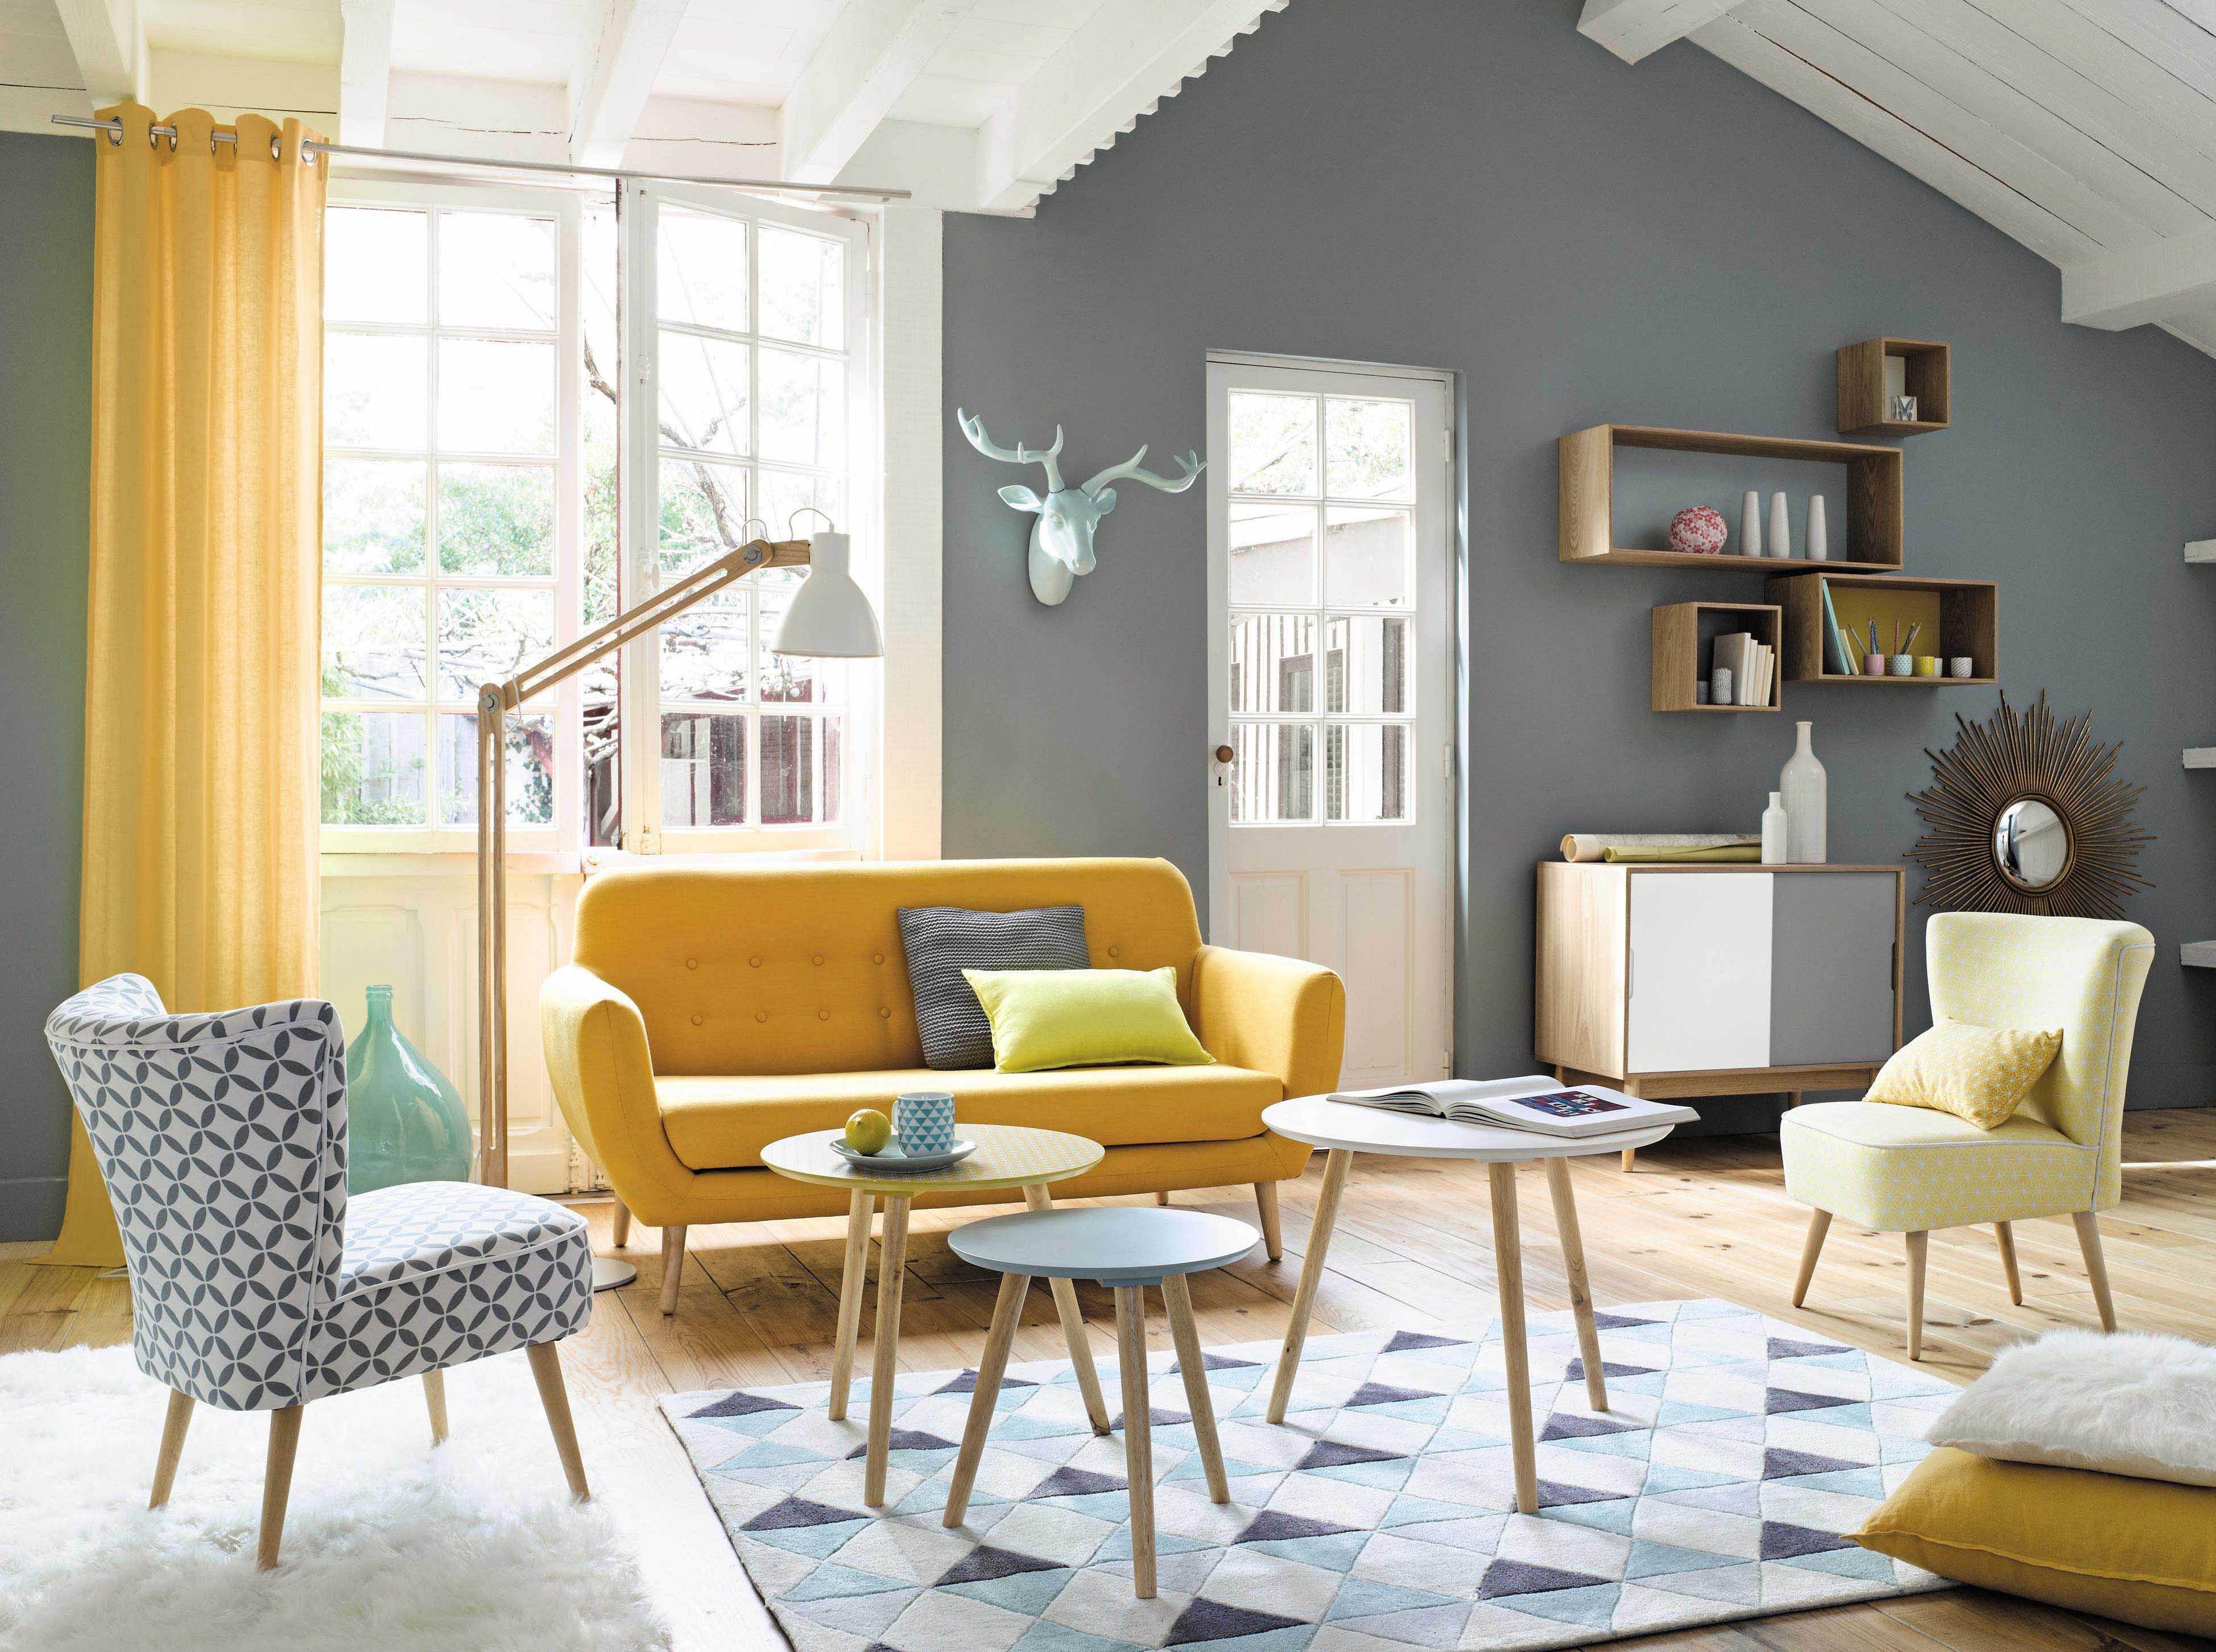 salon con muebles vintaje de colores claros